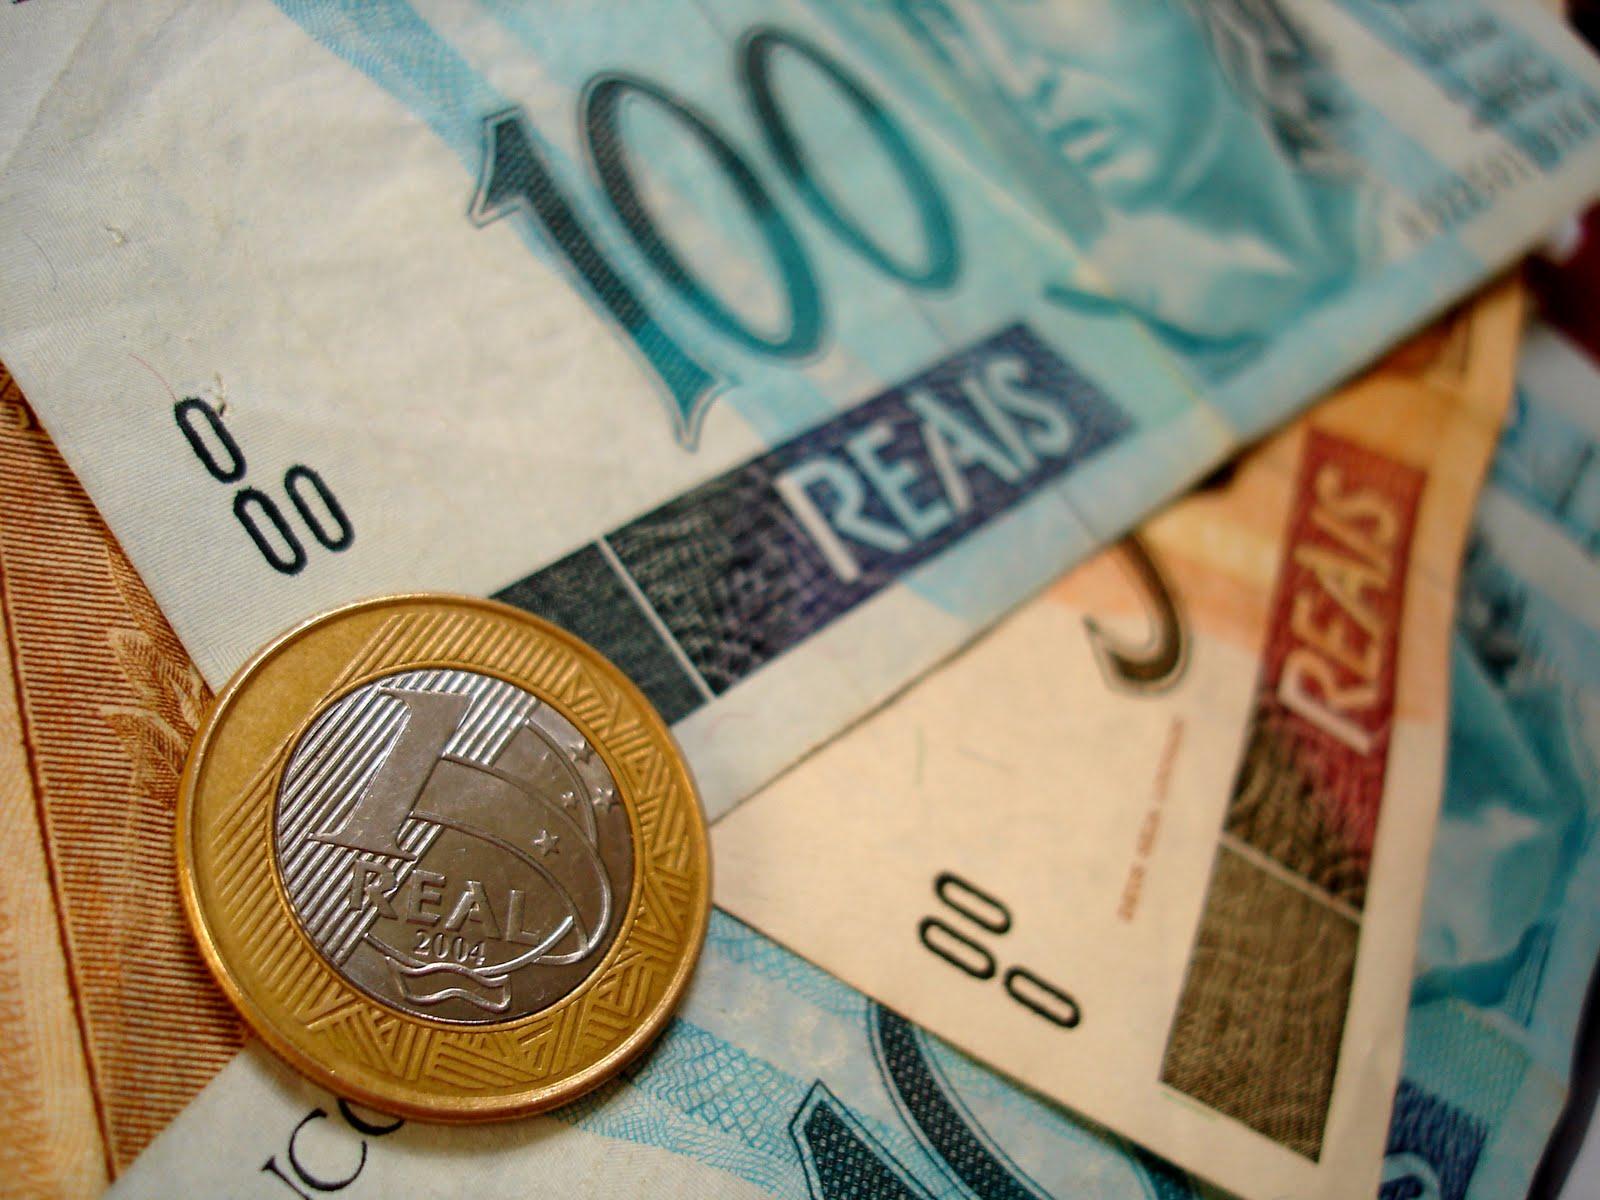 Semed planeja pagamento retroativo referente à mudança de nível de professores da rede